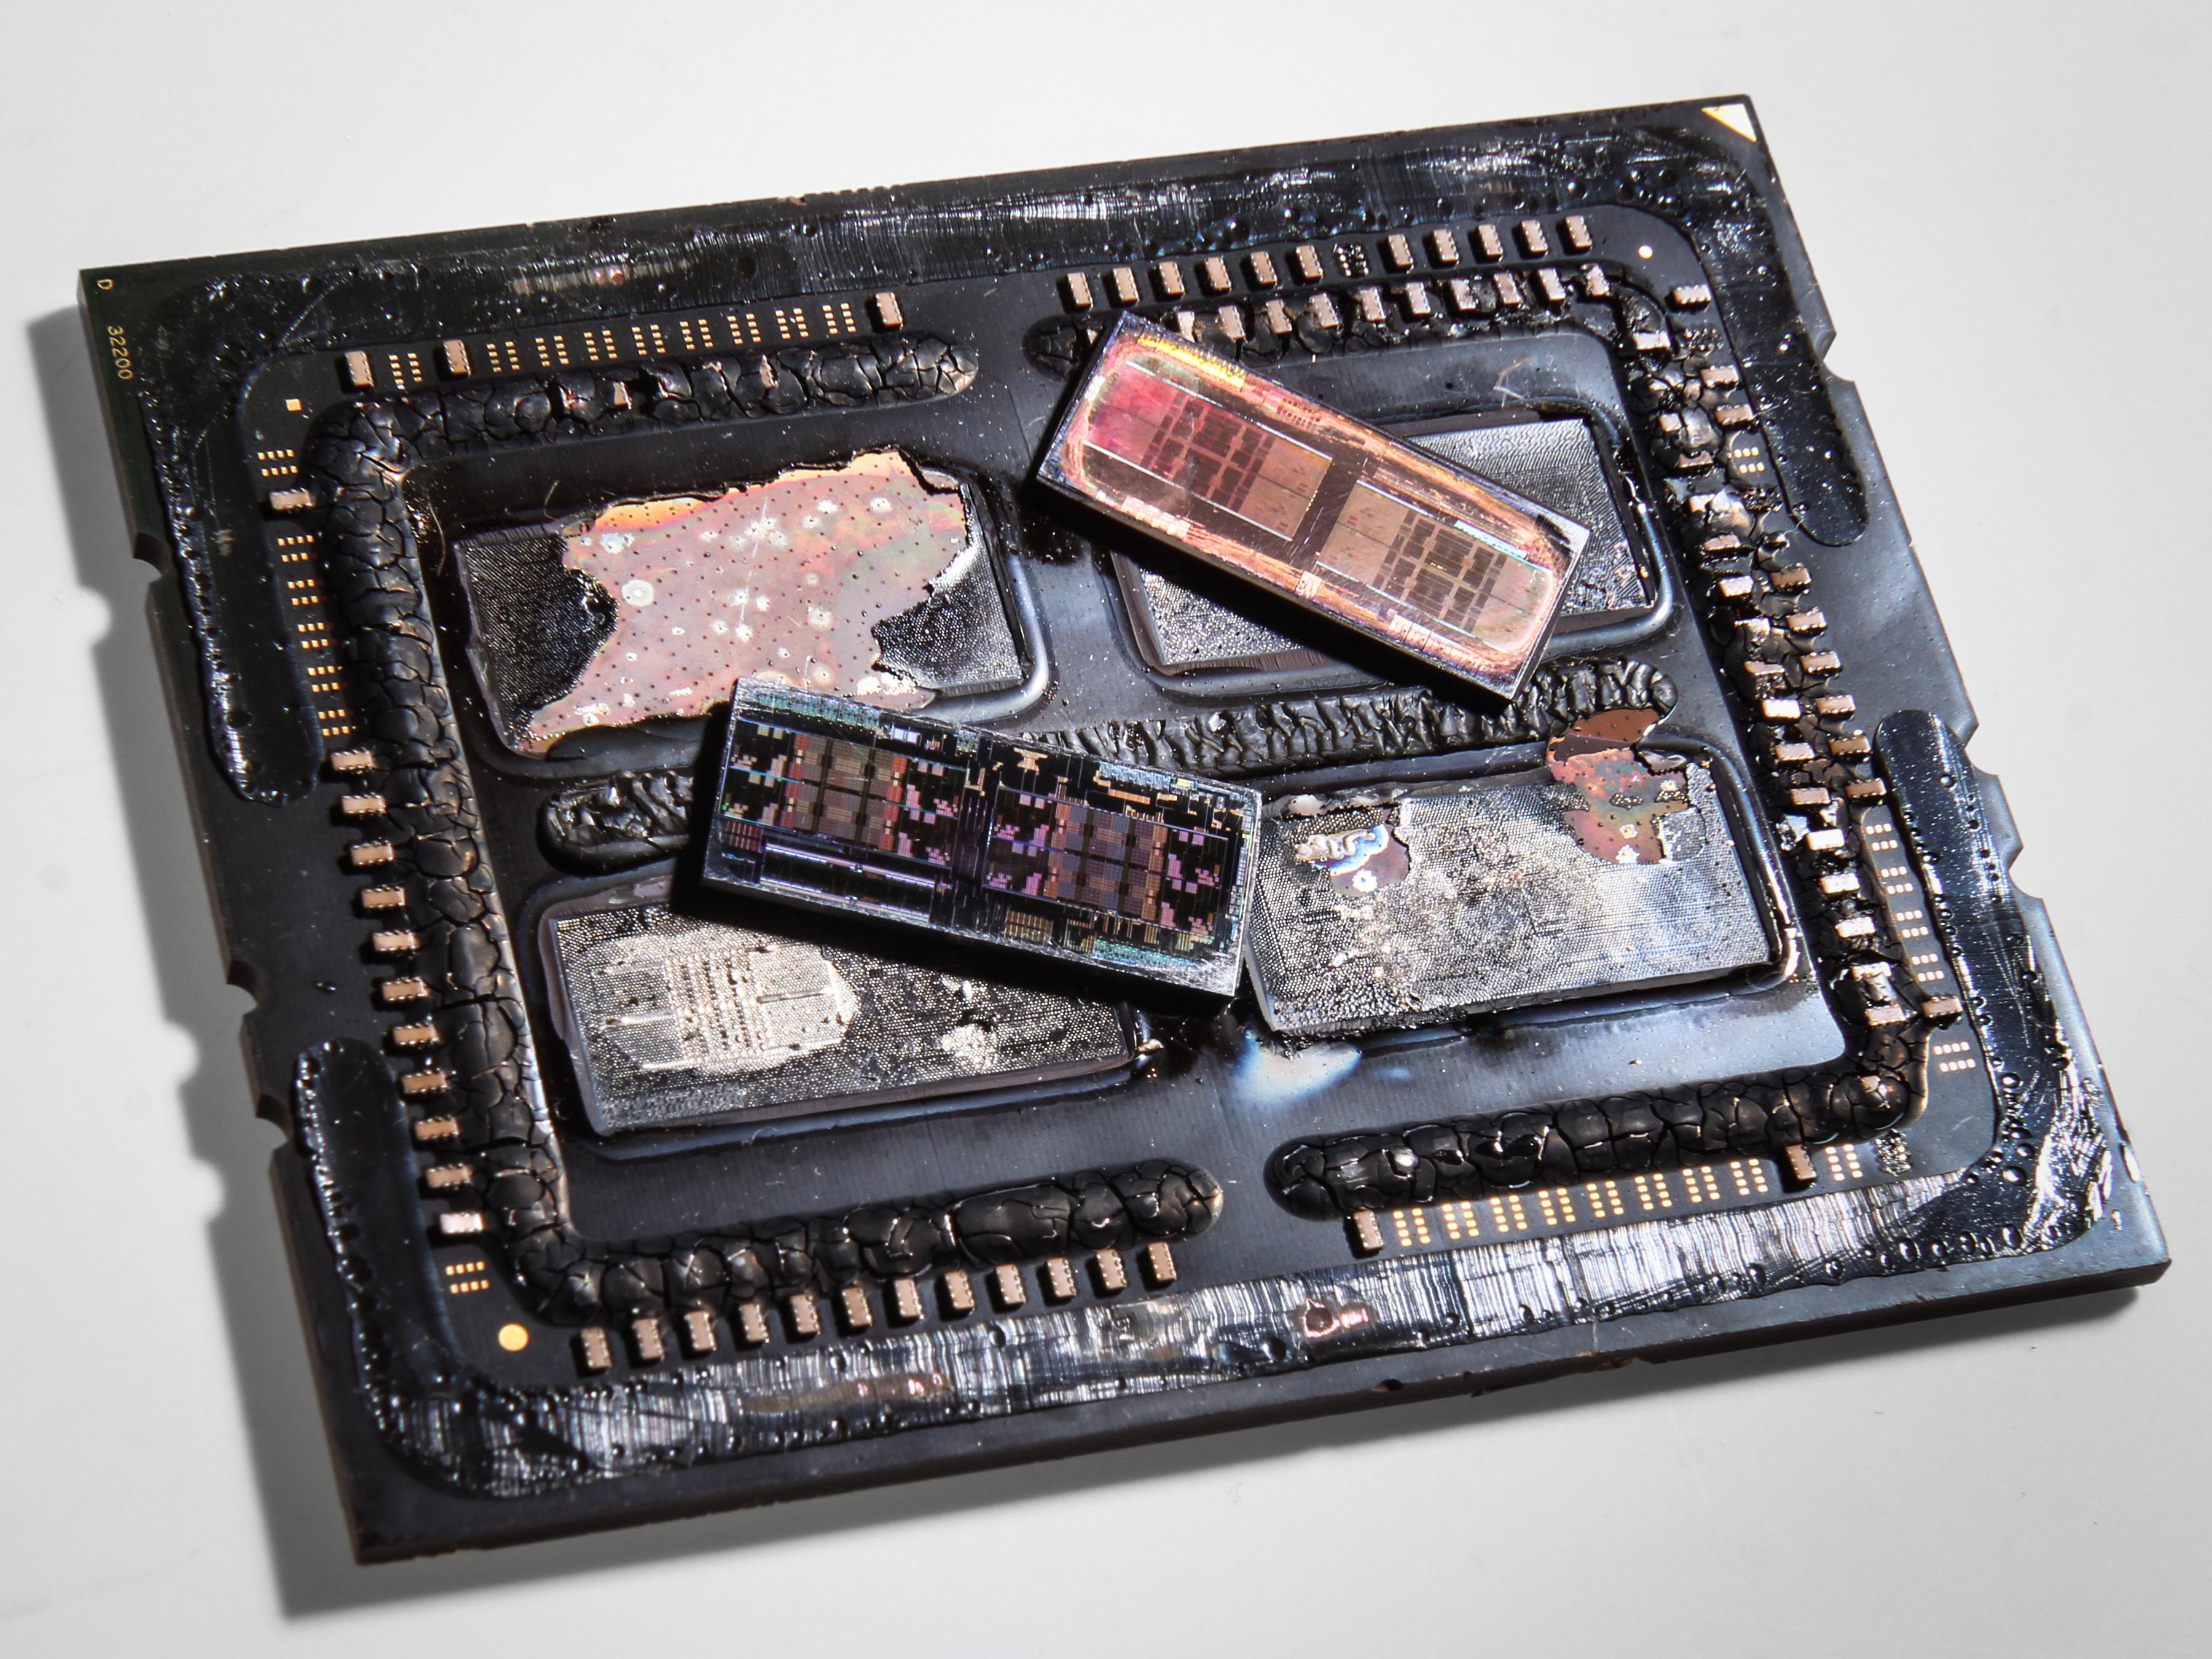 AMD: Threadripper nutzt vier belichtete Dies - Package mit zwei Chips (Foto: Roman '8auer' Hartung)